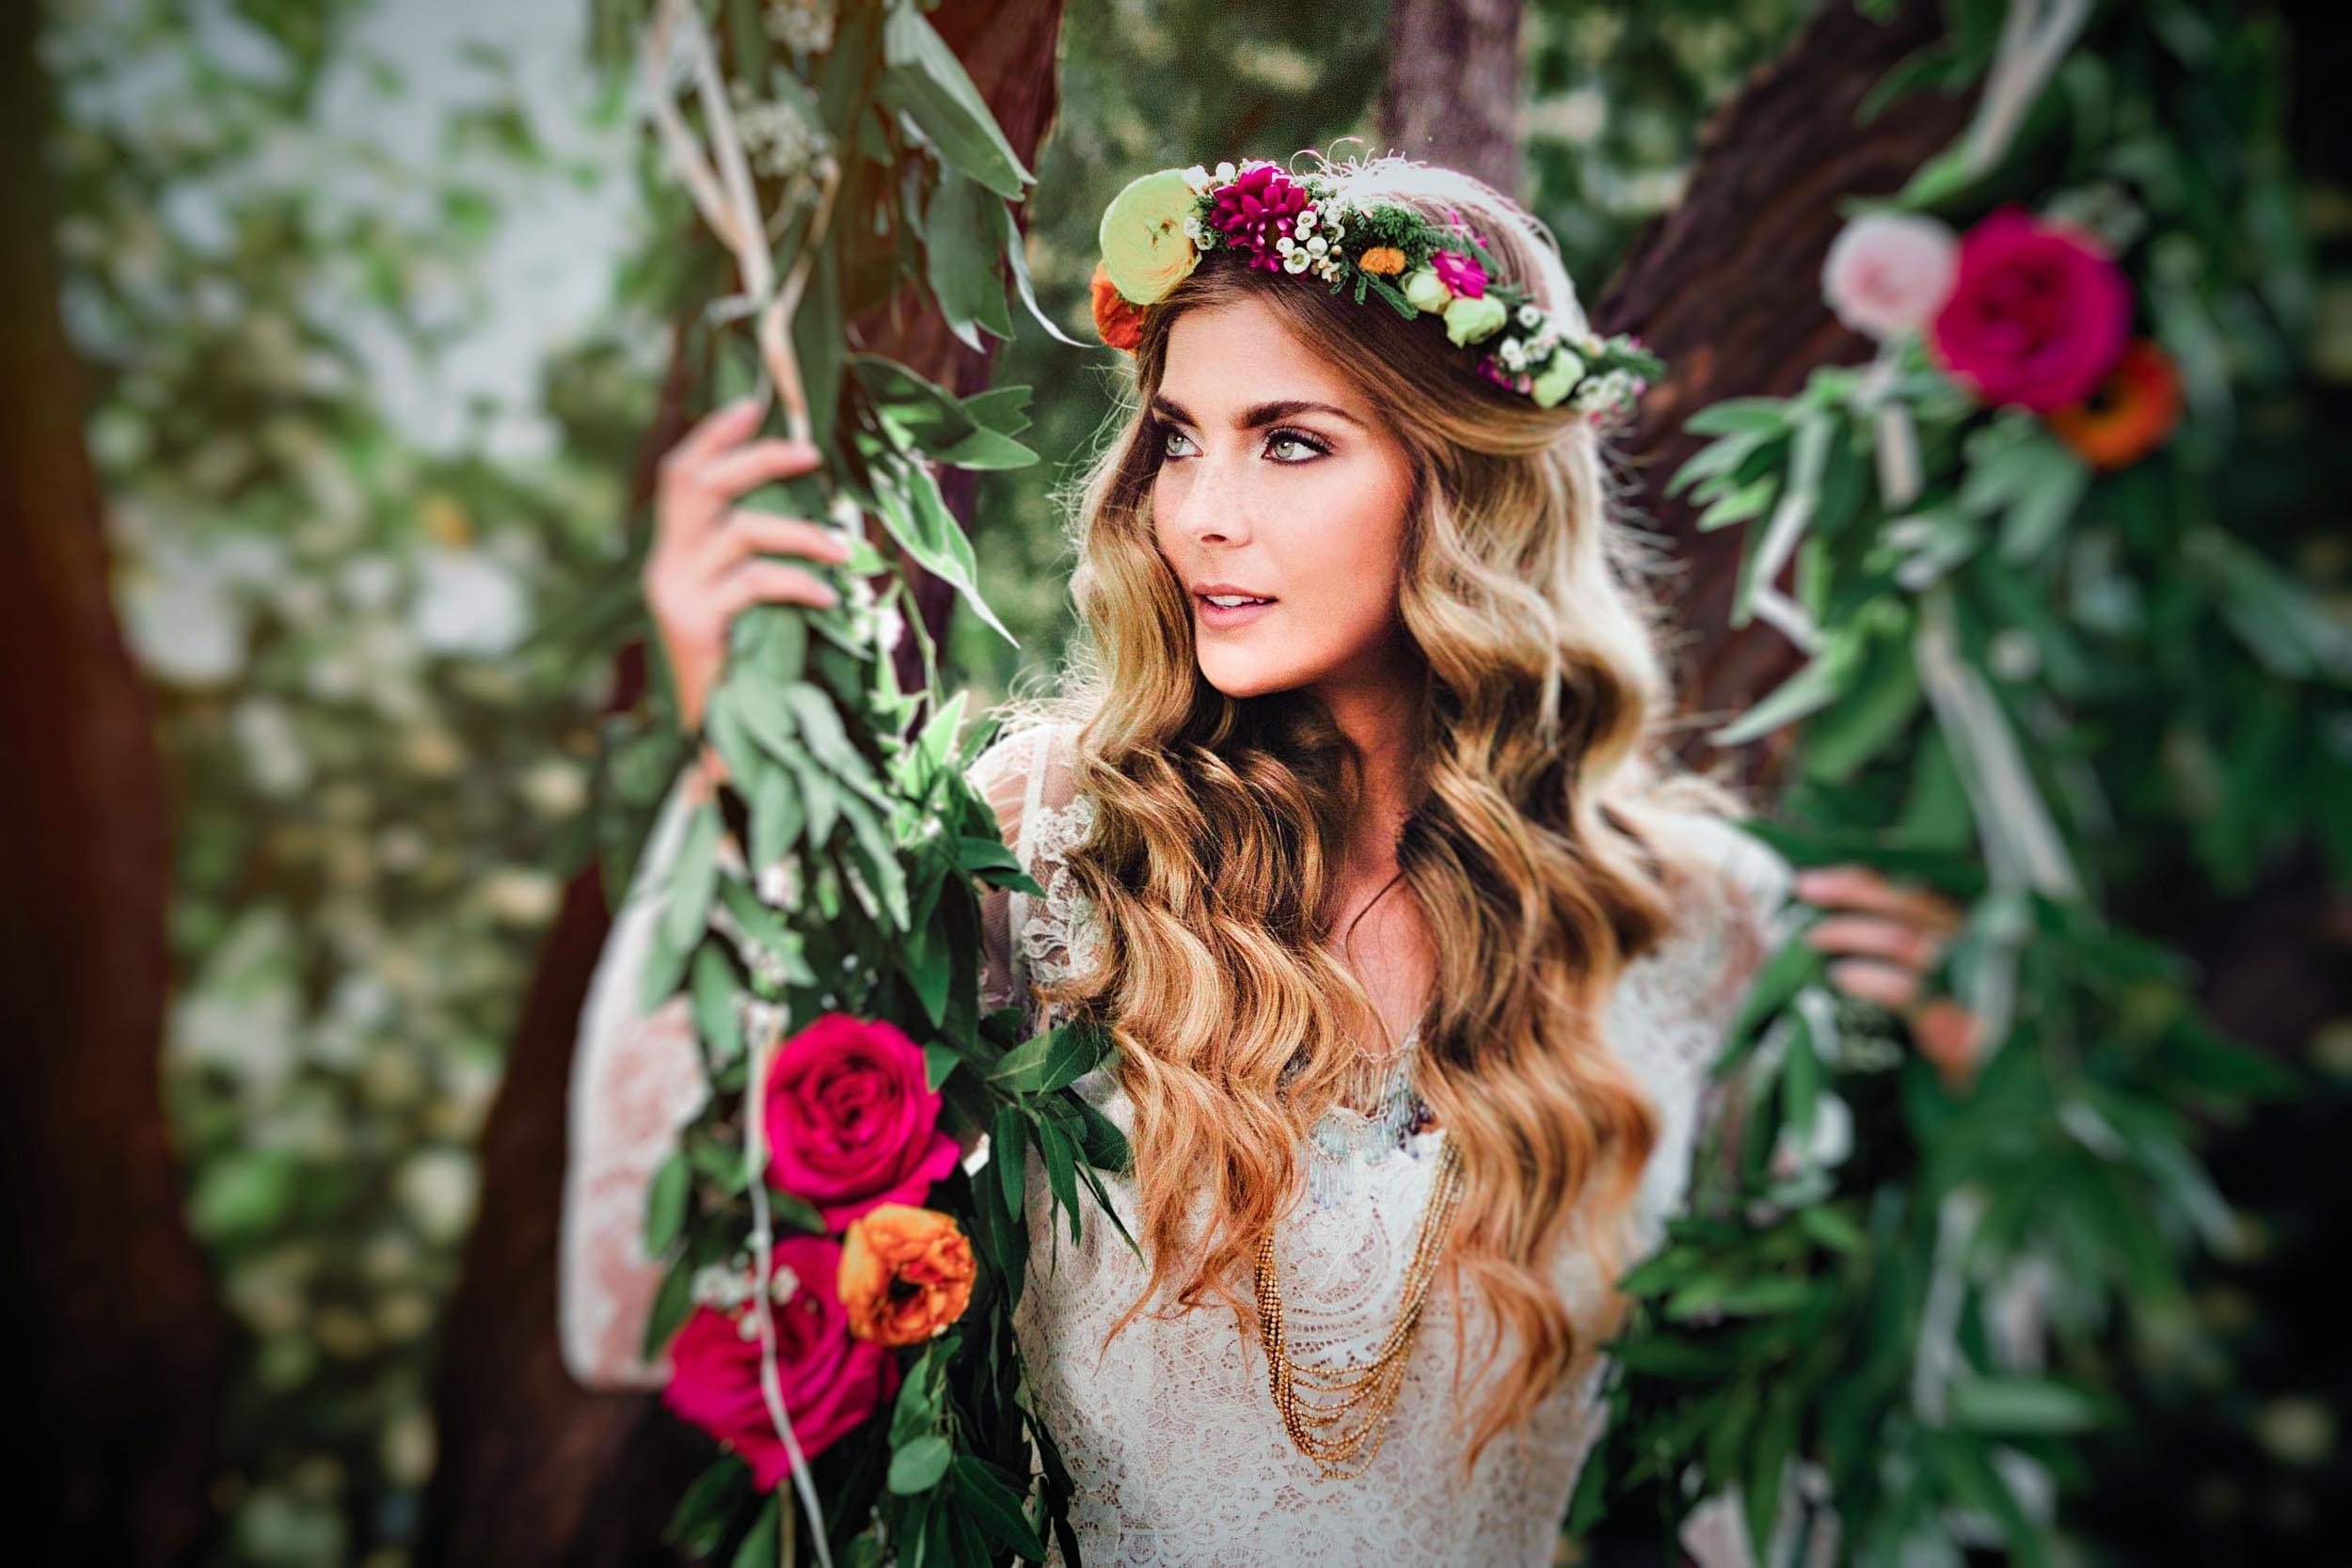 weddings-elchorro-02.jpg